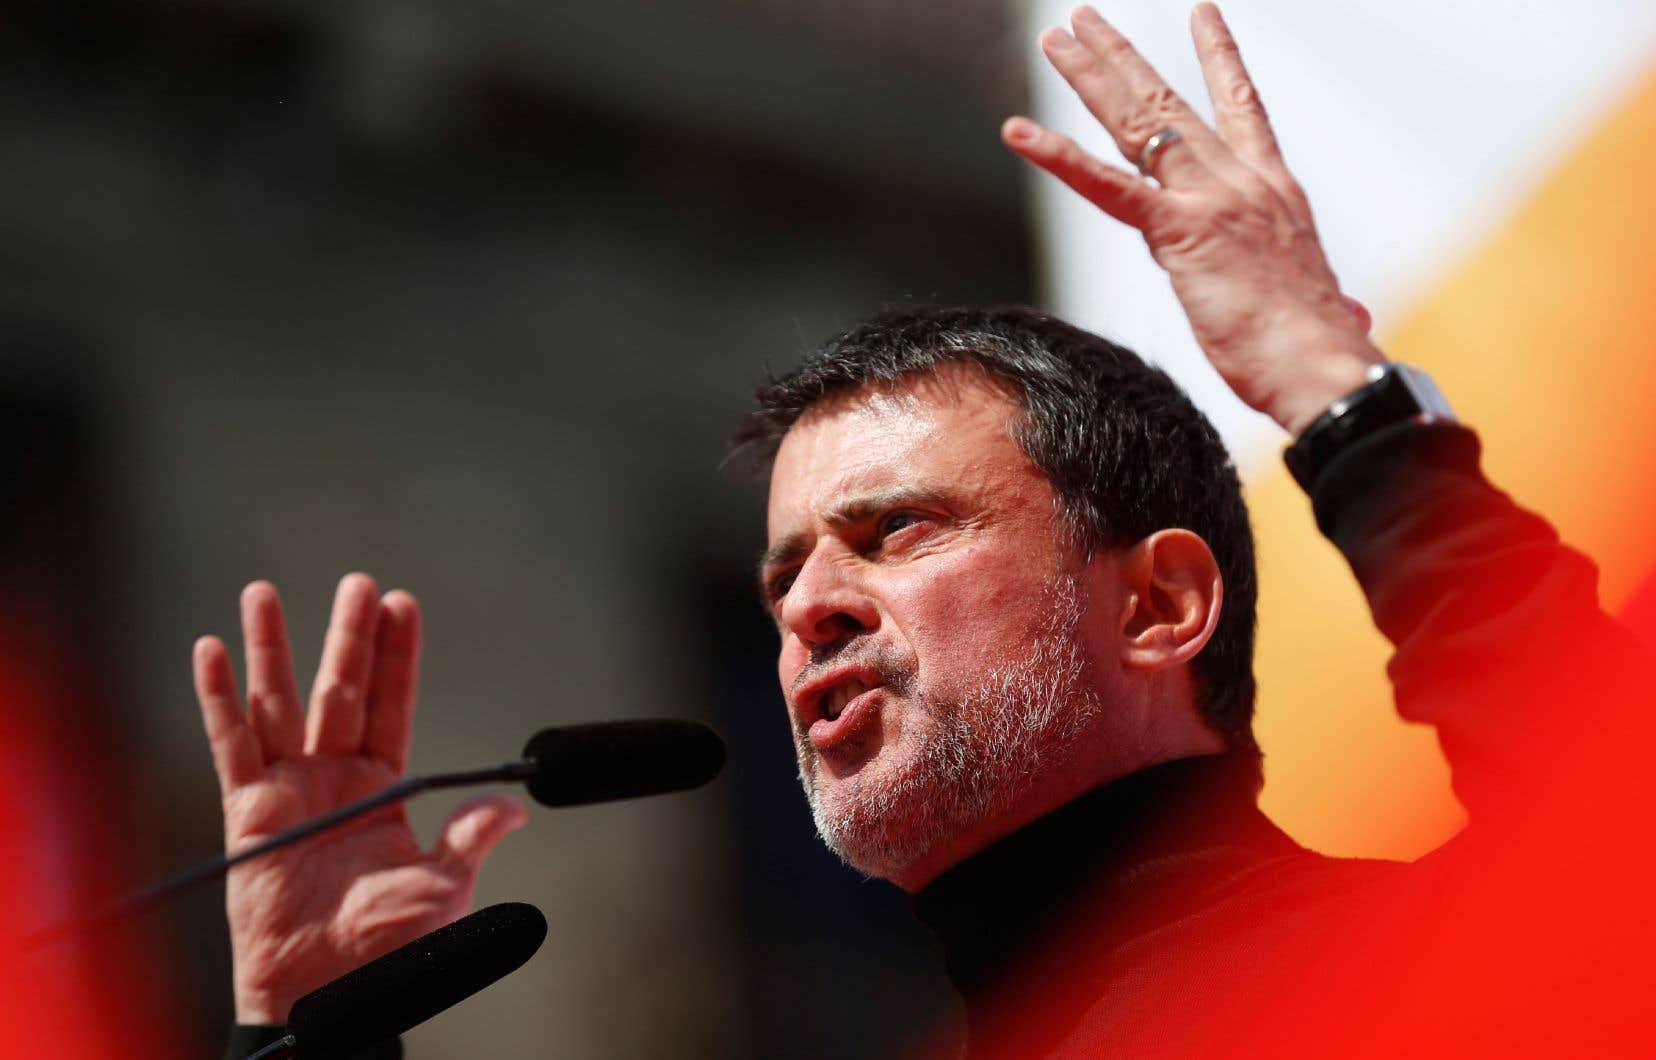 Même s'il refuse de confirmer sa candidature, l'ancien bras droit de François Hollande, Manuel Valls, est visiblement en précampagne pour la mairie de Barcelone.